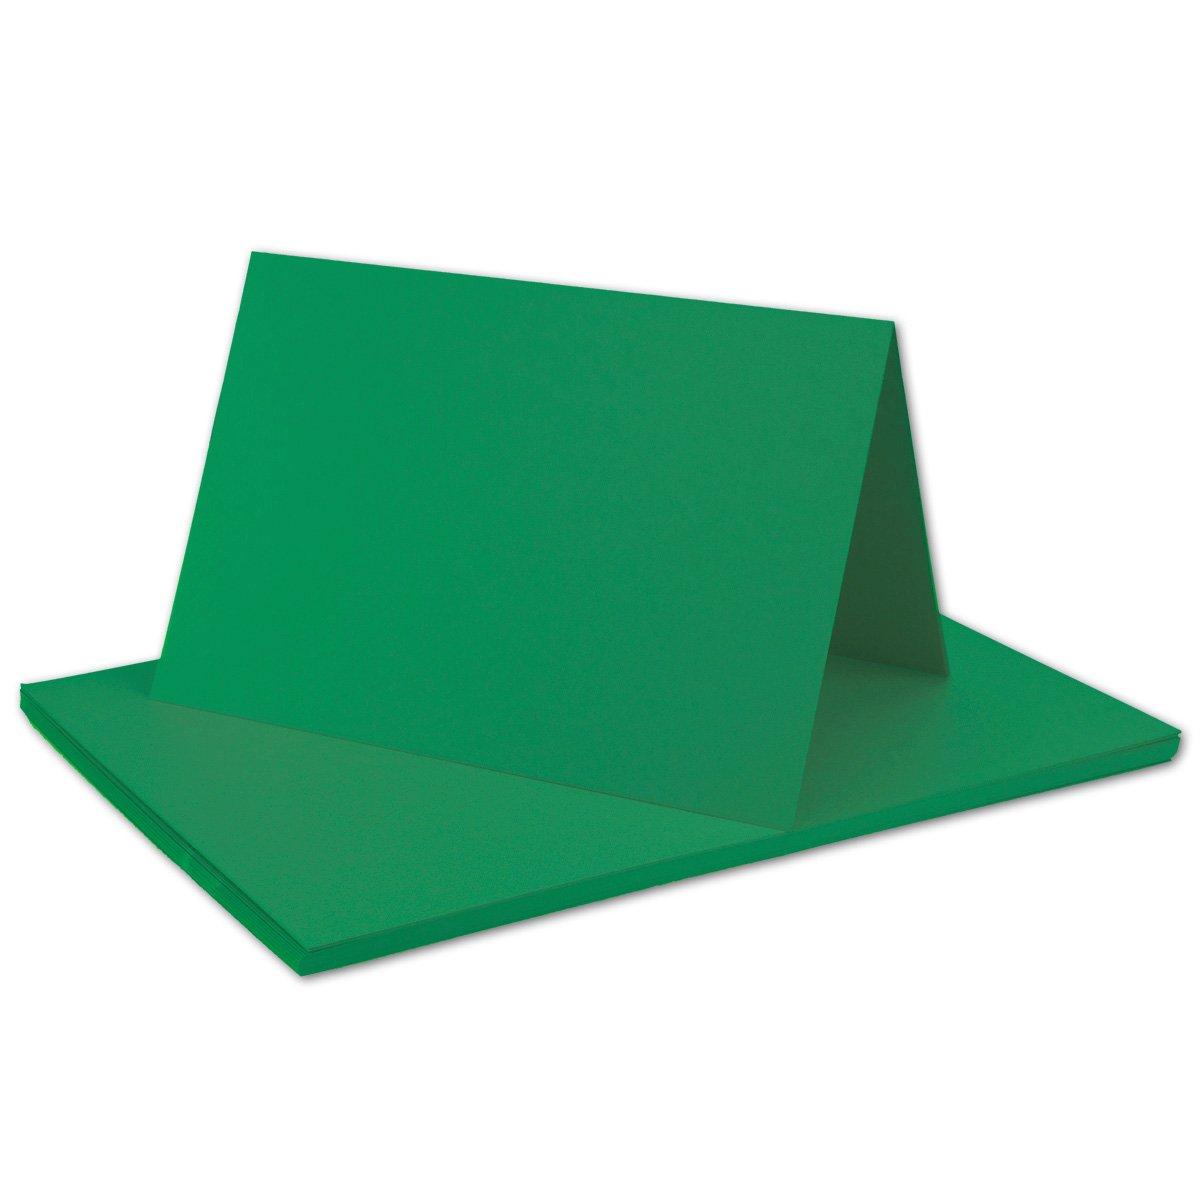 250x Falt-Karten DIN A6 Blanko Doppel-Karten in Hochweiß Kristallweiß -10,5 x 14,8 cm   Premium Qualität   FarbenFroh® B079VFTXWP | Preisreduktion